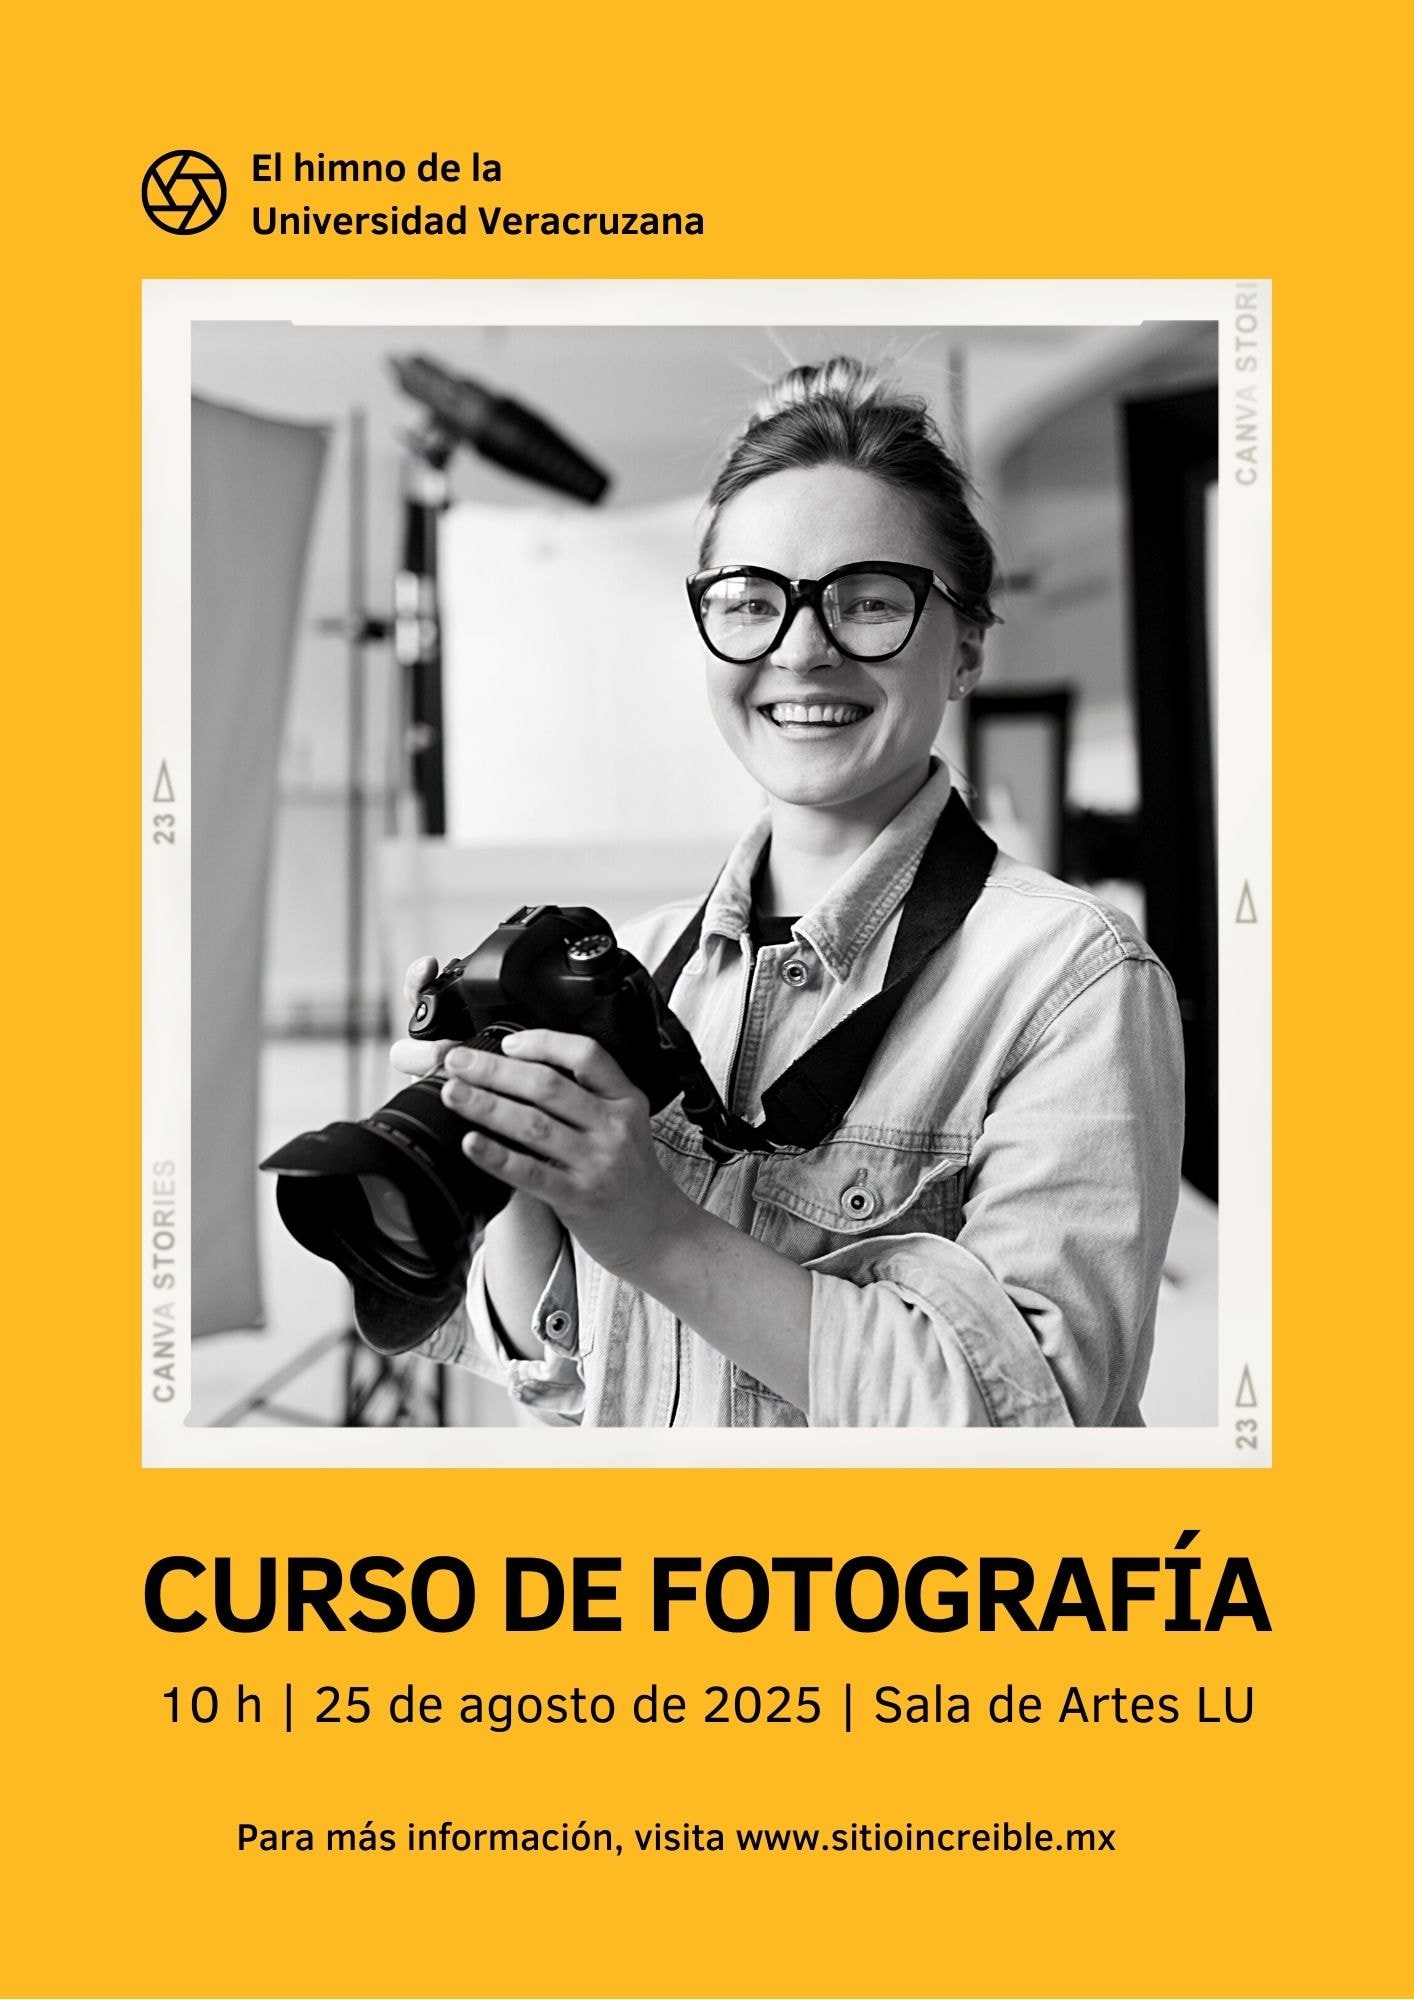 Amarillo Escala de Grises Simple Negrita Fotografía Promoción de Mi Club Escolar Volante